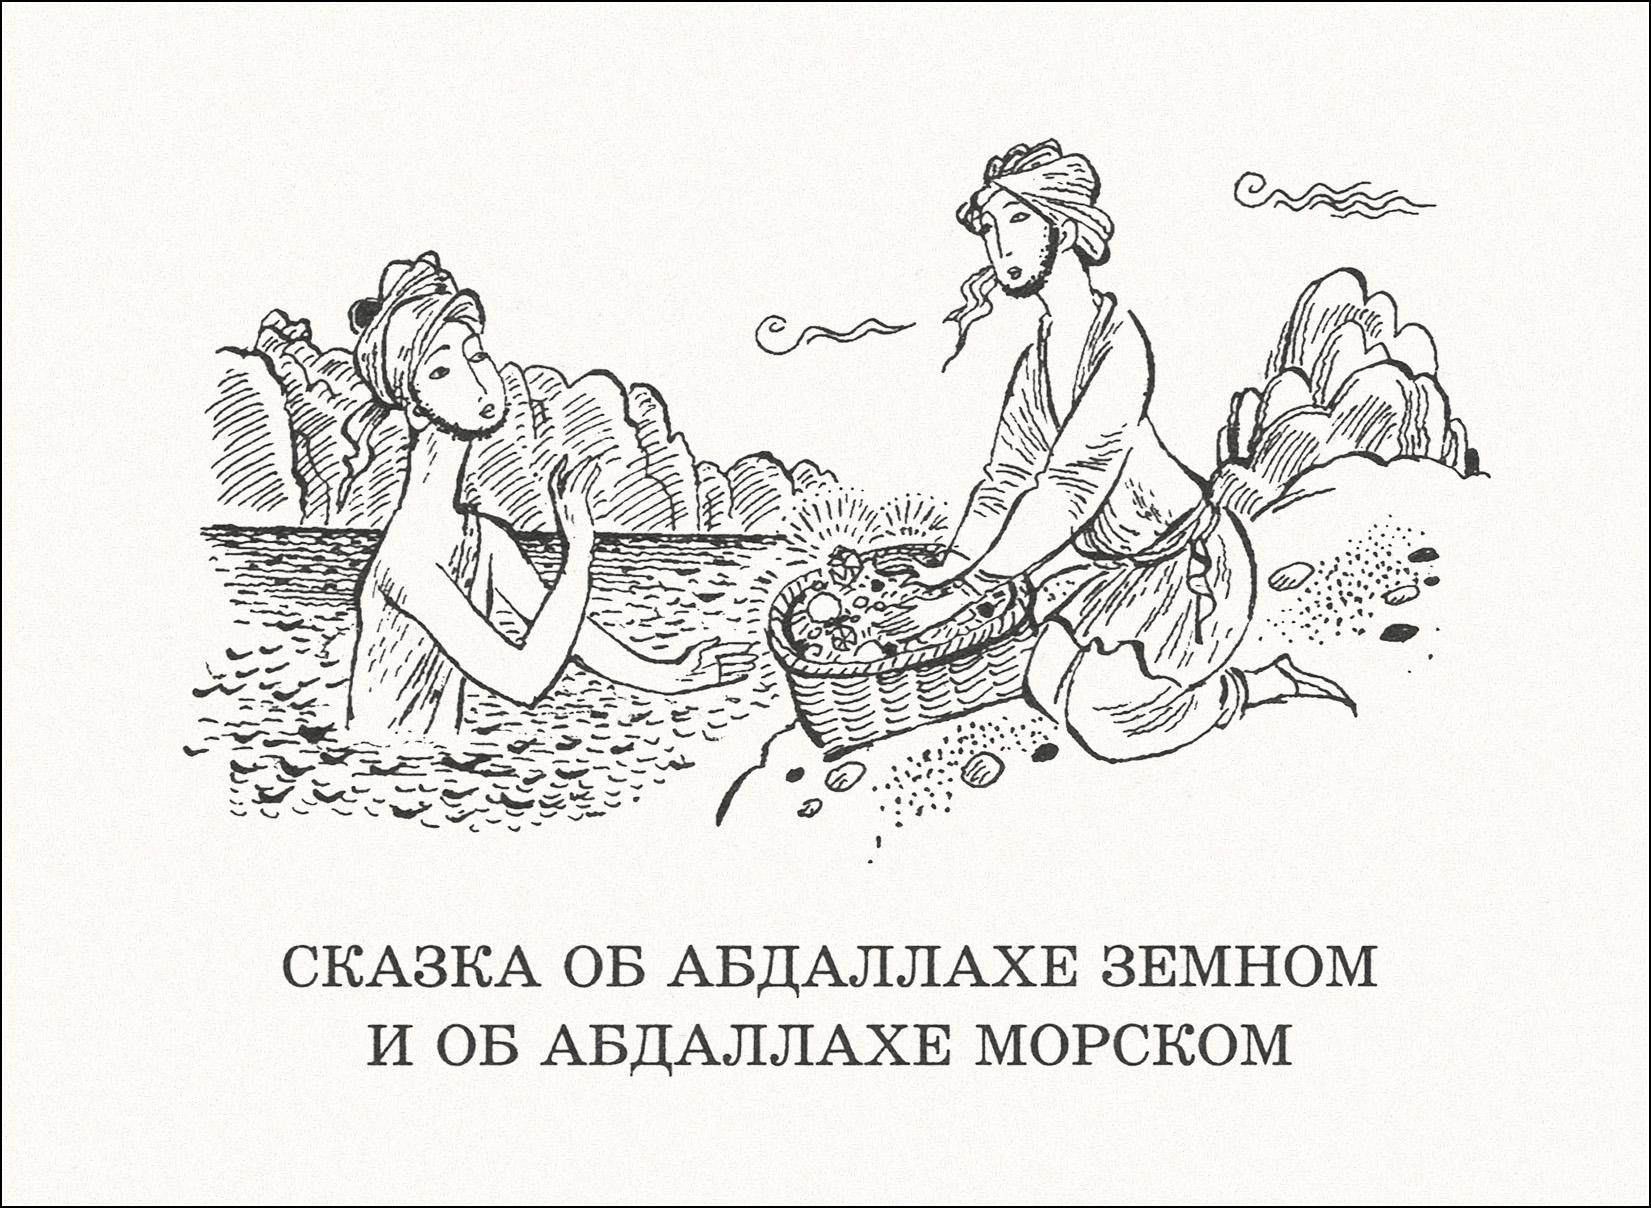 Р. Халилов, Али-баба и сорок разбойников